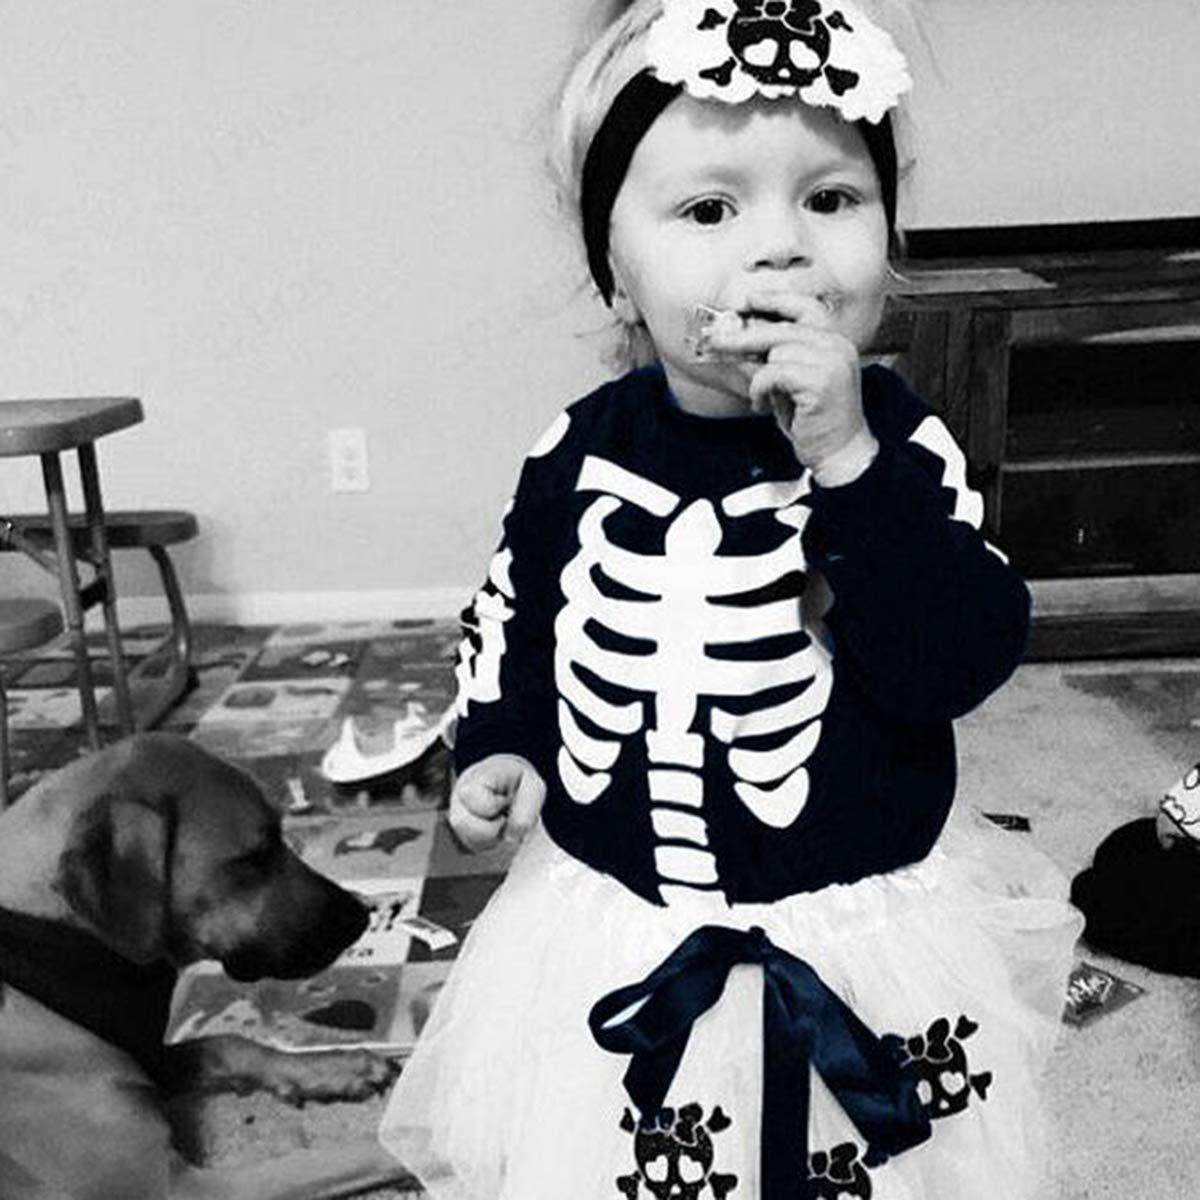 Baby Girls Halloween Outfits Skull Skeleton Romper Skirt Leg Warmer Set for Infant Toddler